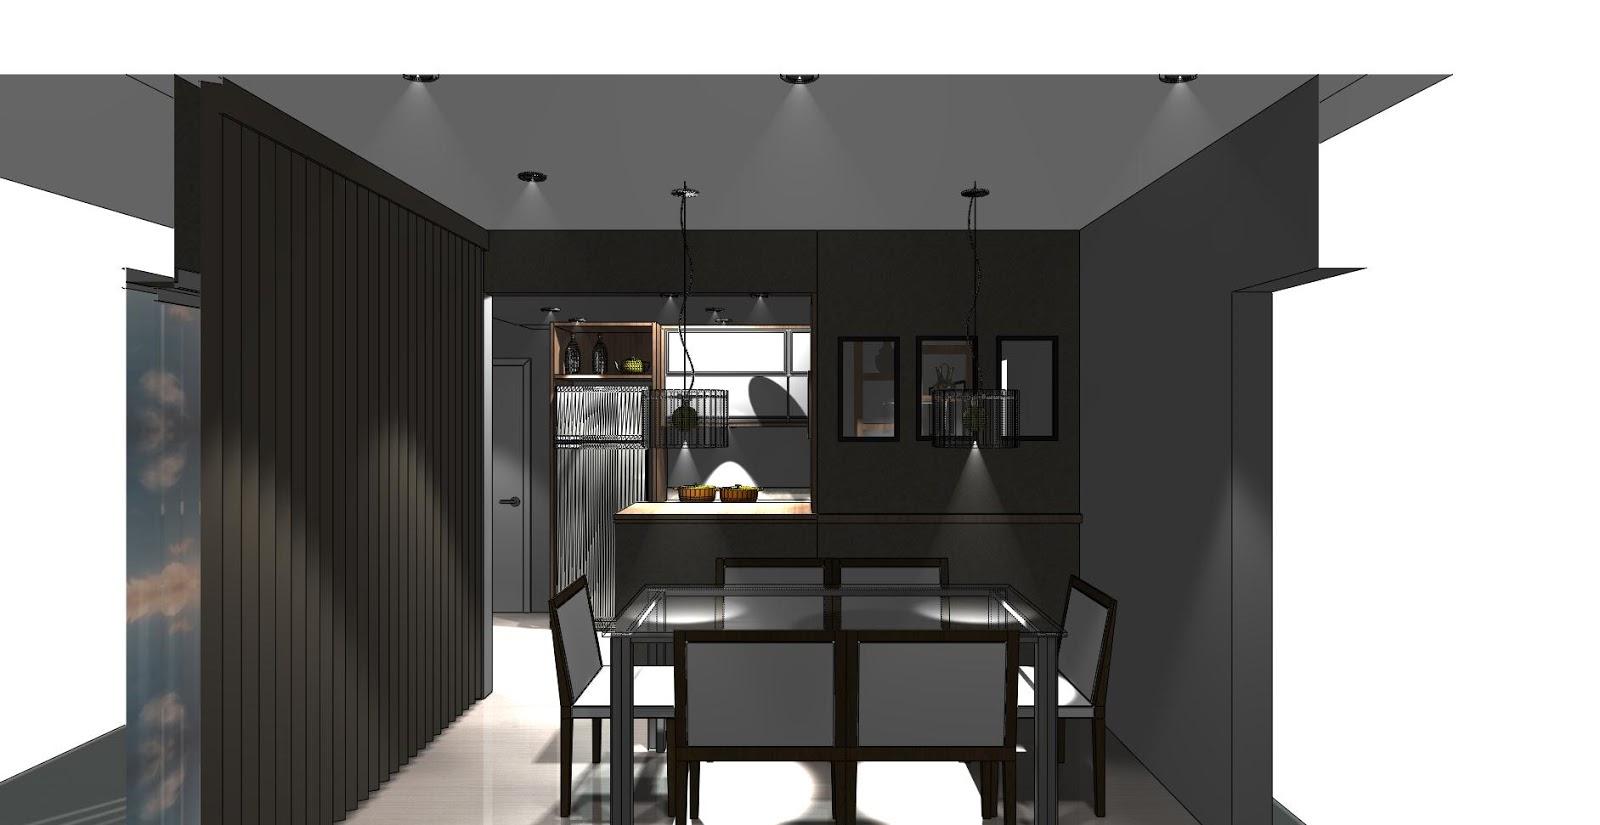 #5D4C3D Projeto cozinha 1600x825 px Projeto Da Cozinha Farnichar_302 Imagens